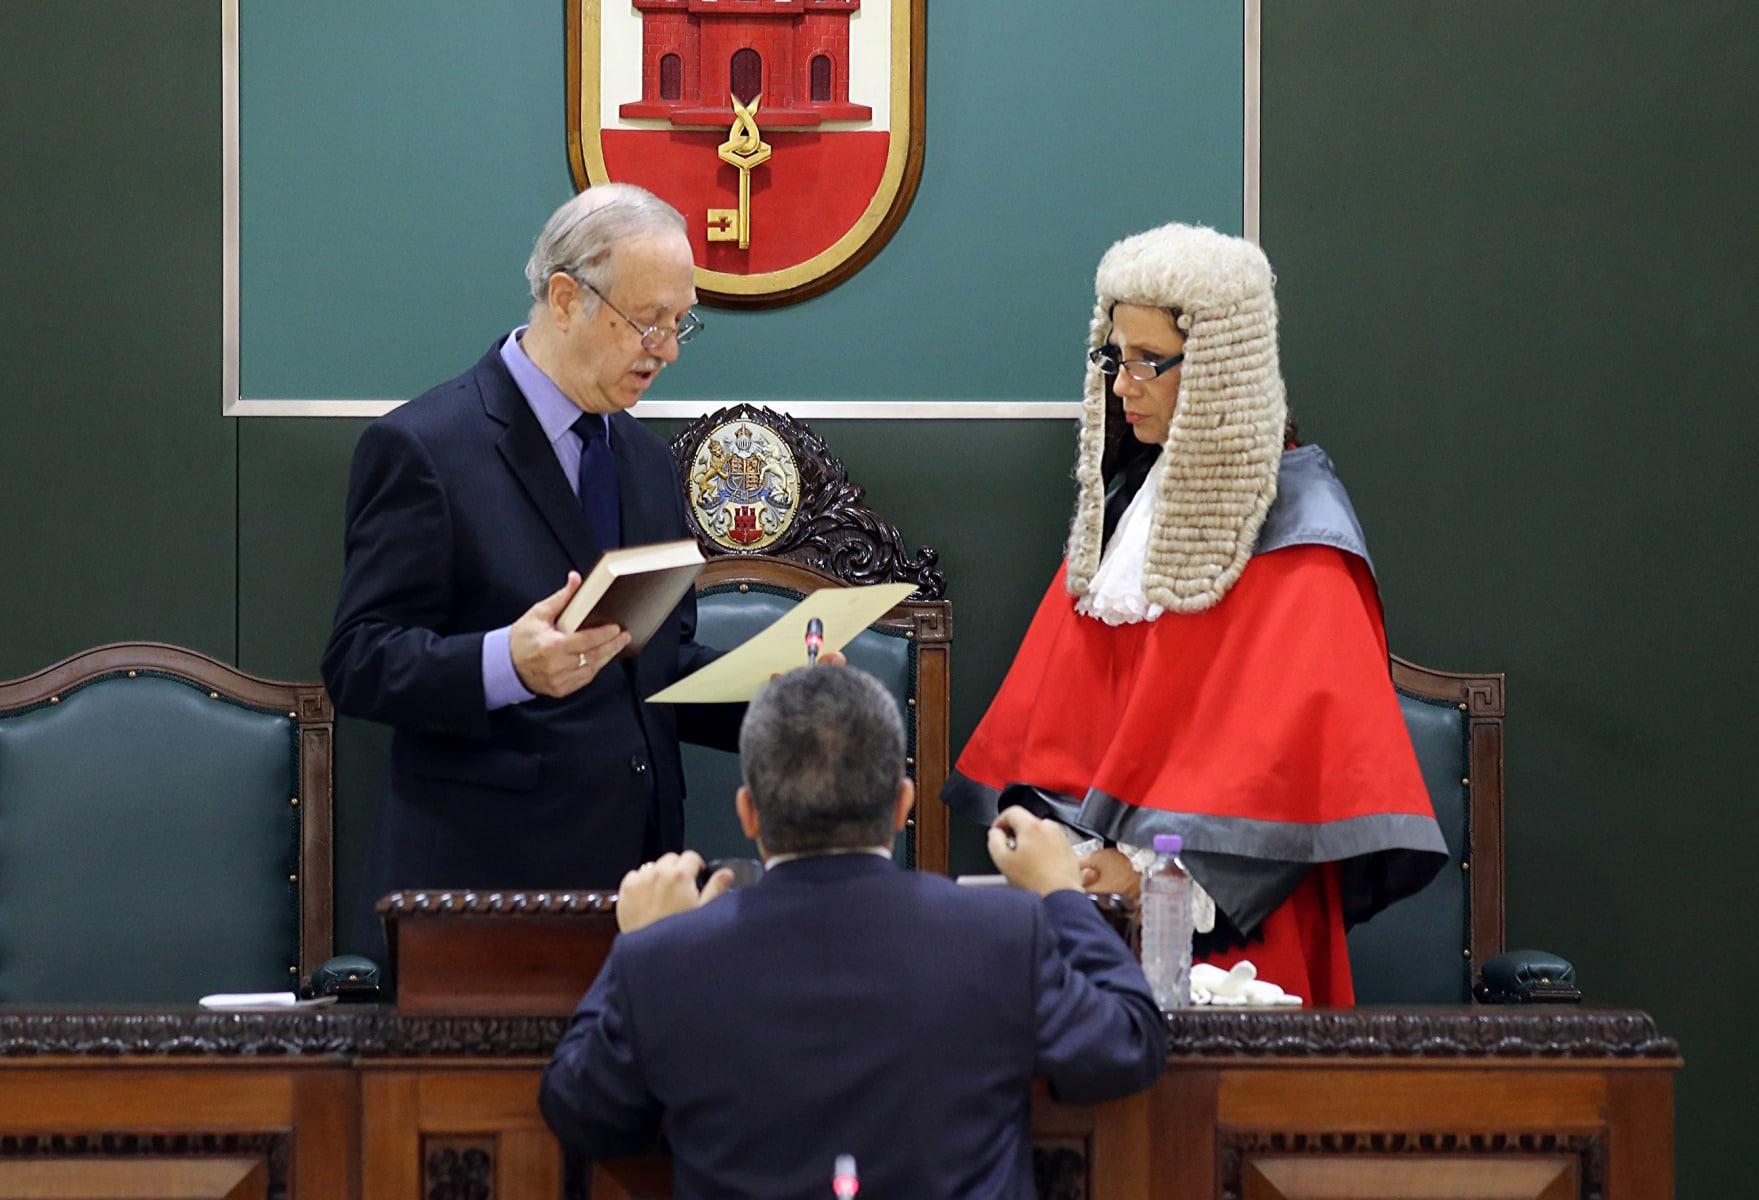 9-de-diciembre-de-2015-ceremonia-inaugural-del-nuevo-parlamento-de-gibraltar_23338443250_o